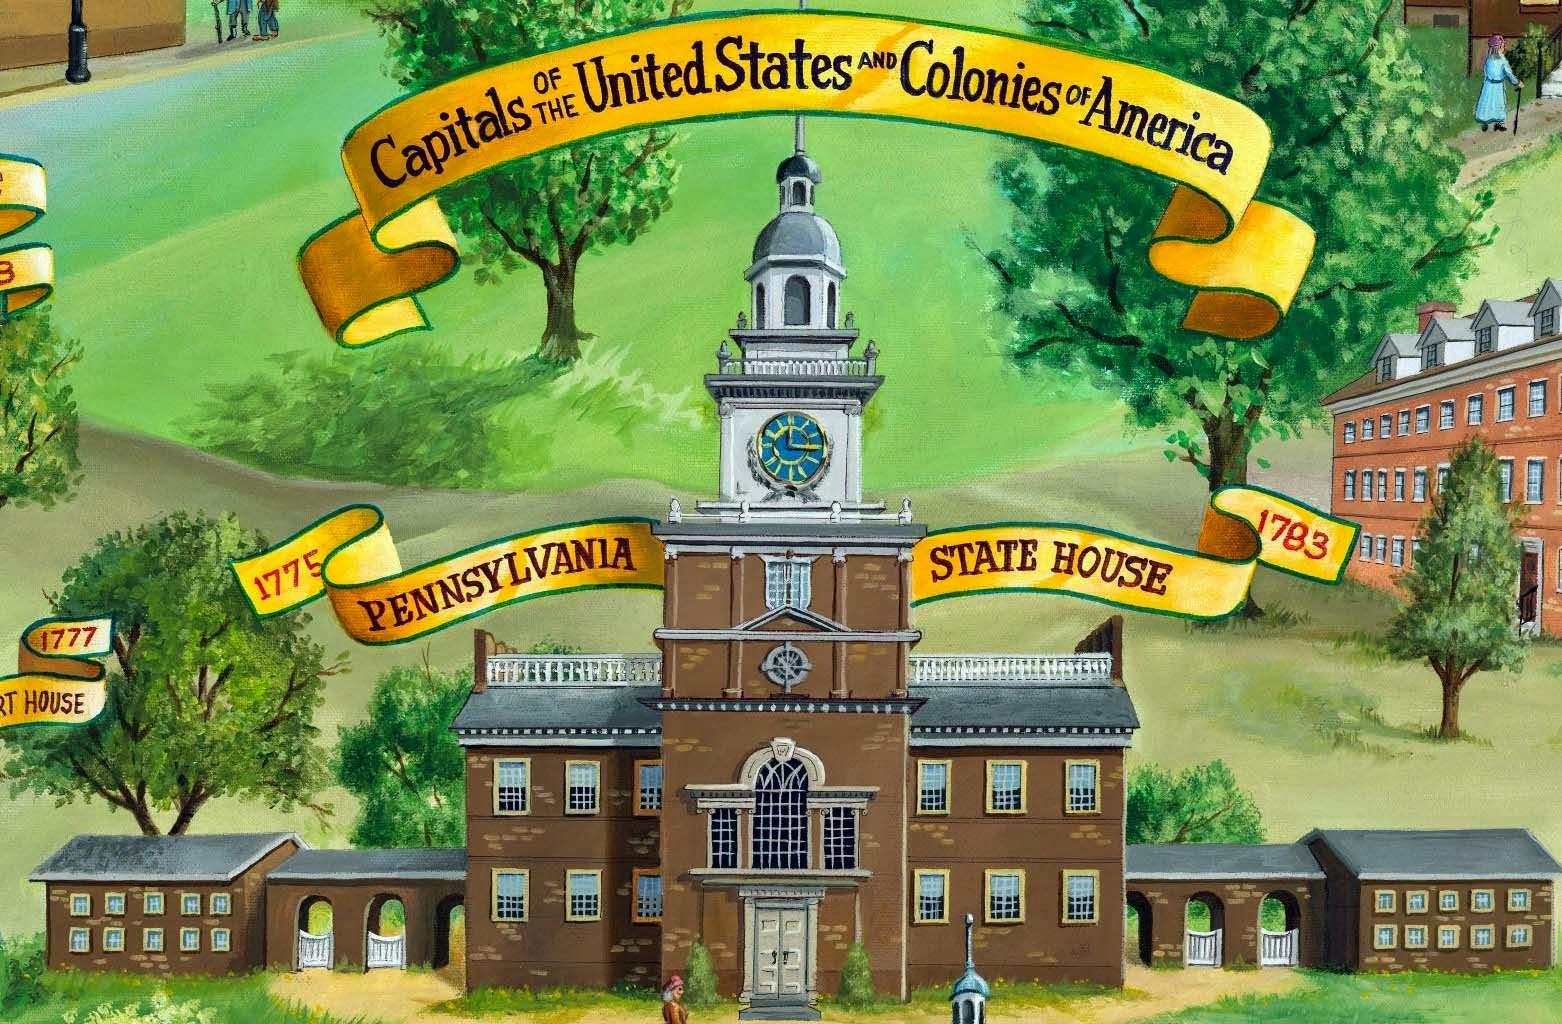 United States Capitols